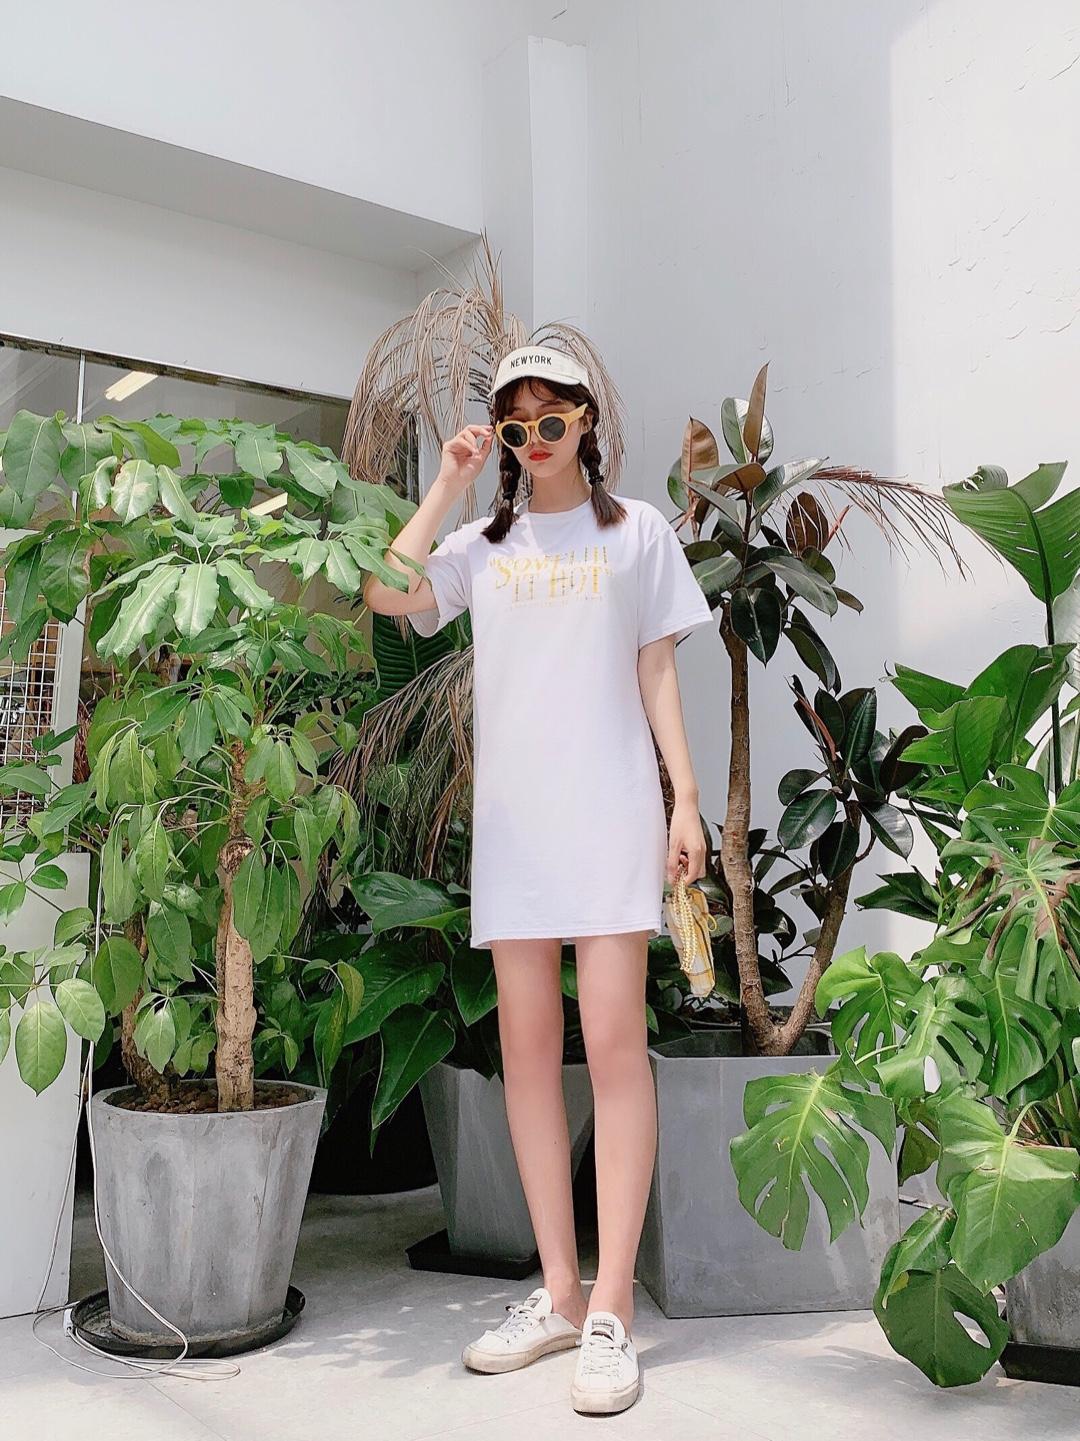 #拼身材秀清凉,瘦了一定这么穿!#  简单的一件t如何穿出时髦感 就是这件啦!来pick一下 一件简单的单品宽松t  舒服又好穿 搭上白色的棒球帽和黄色系的包包和眼镜 炒鸡舒服又好看的感觉哦 可爱又简单 很适合夏天的出街搭配啦~